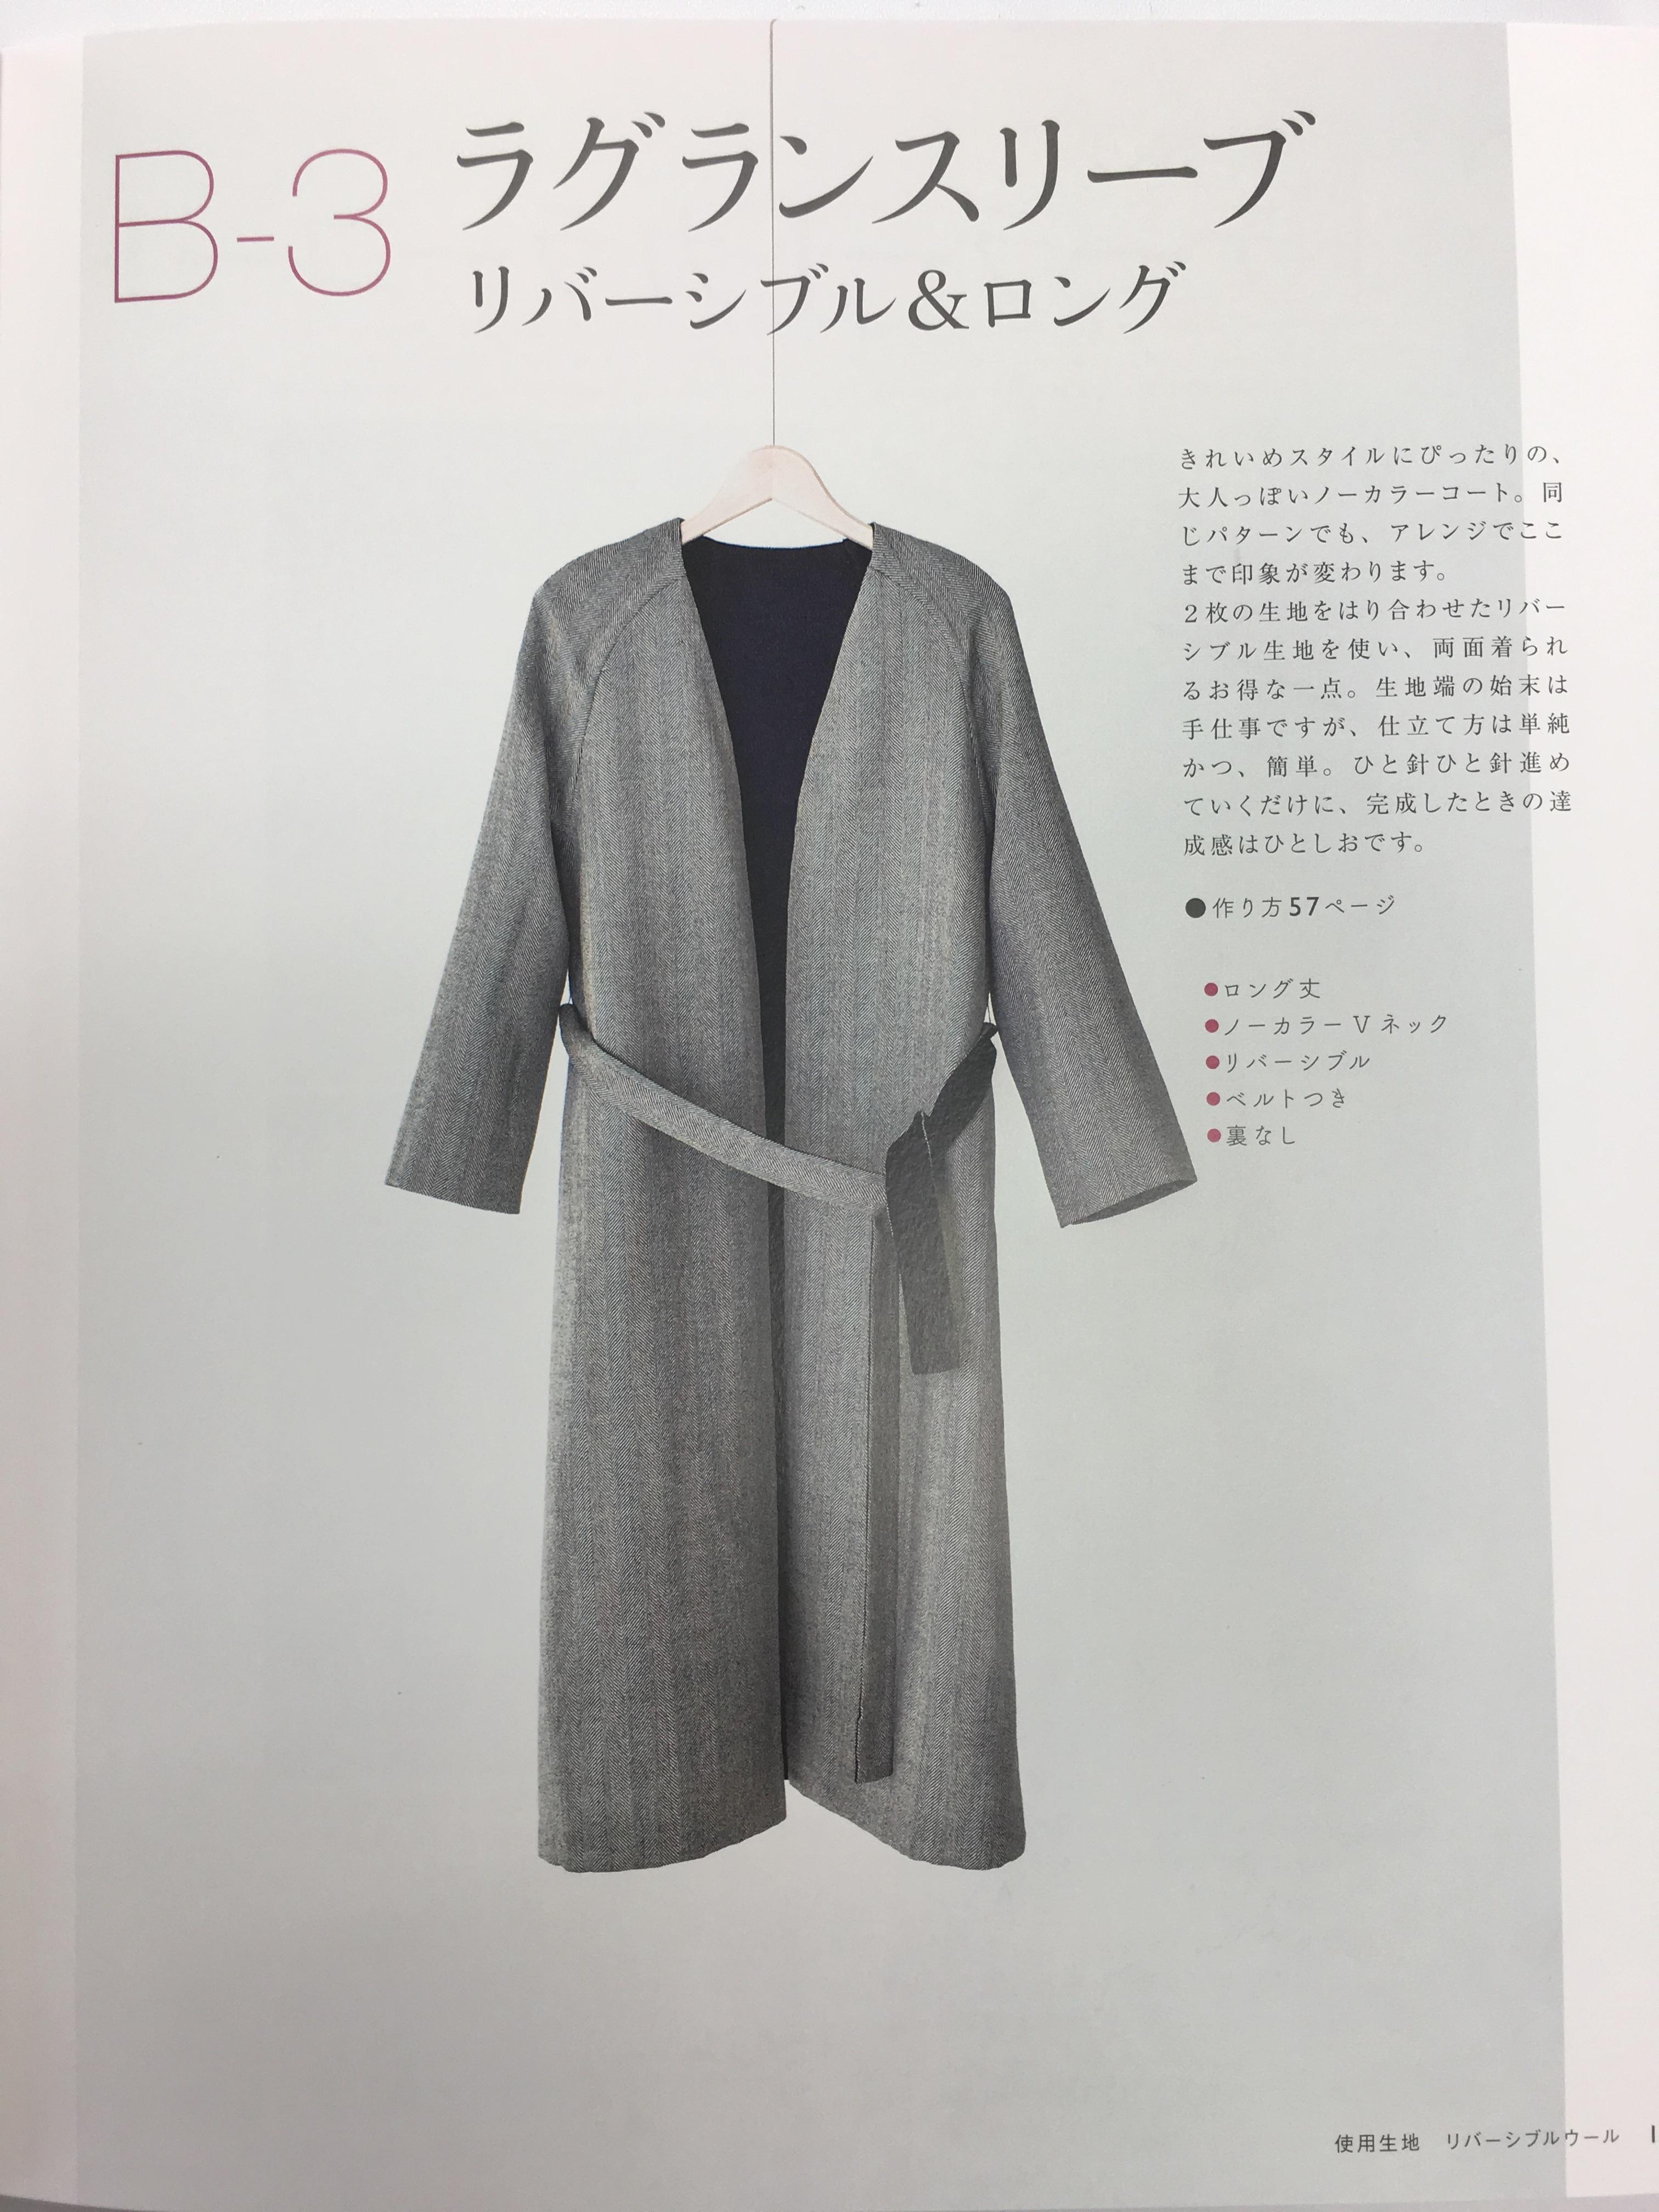 コートを縫おう。 B-3の型紙